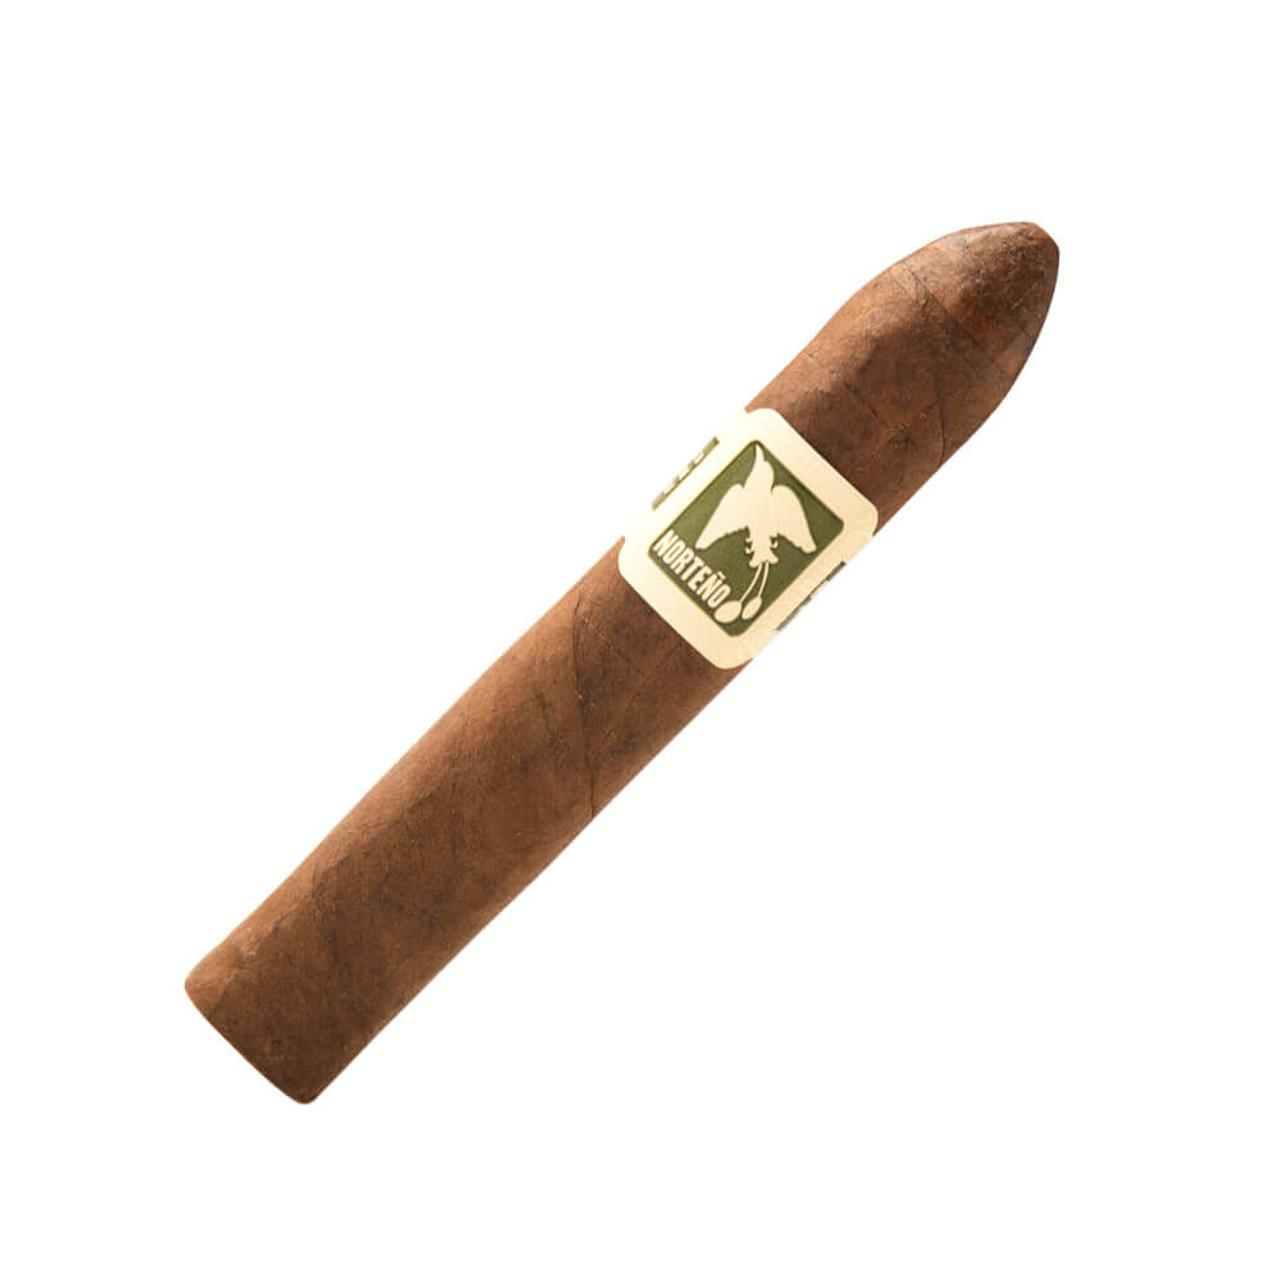 Herrera Esteli Norteno Piramide Fino Cigars - 6 x 52 (Box of 25)